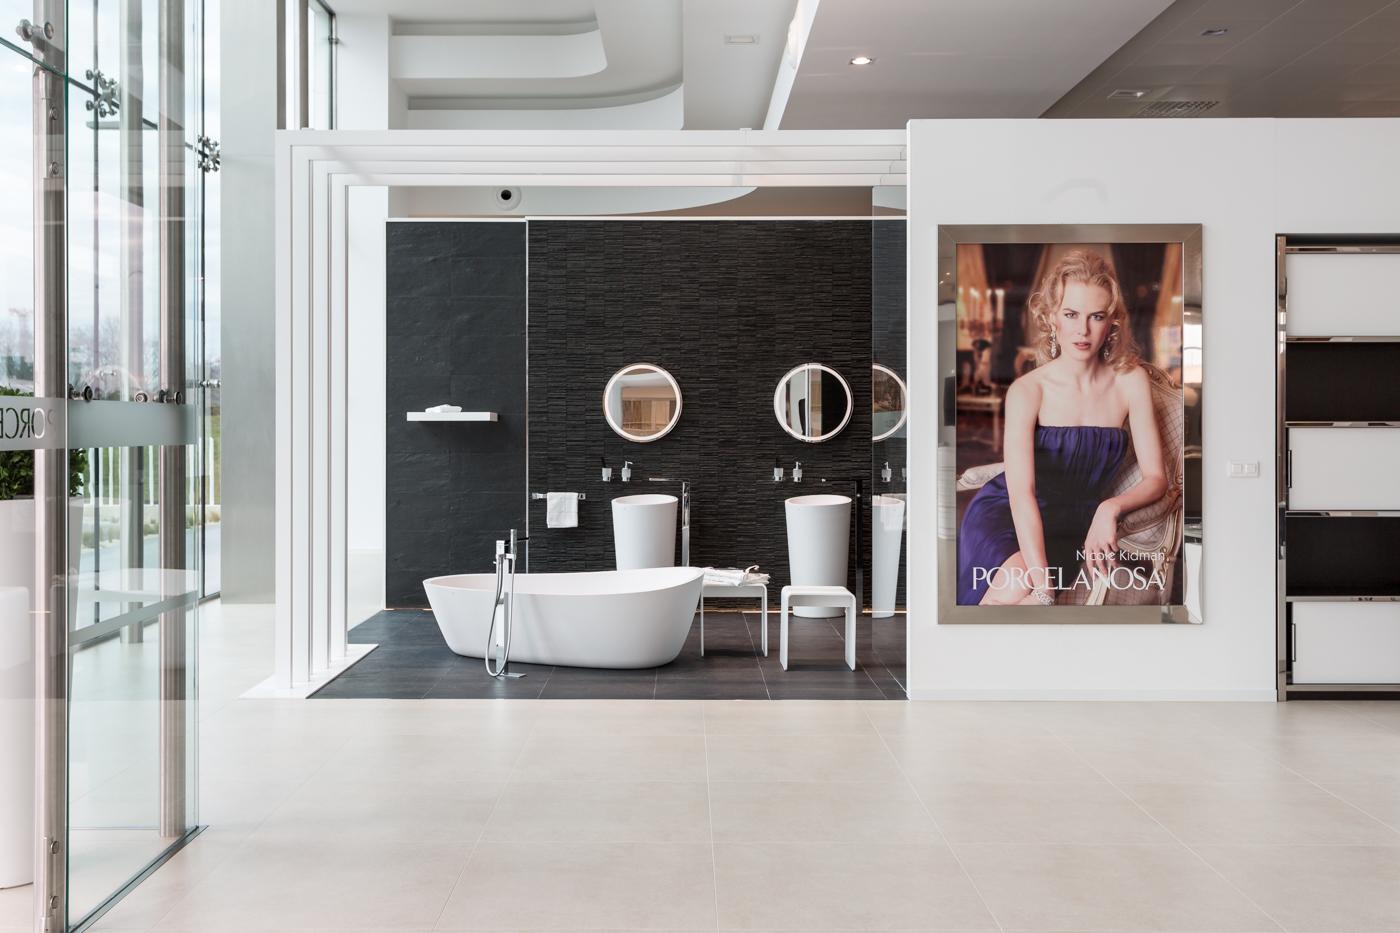 photographies du showroom porcelanosa studio picabel. Black Bedroom Furniture Sets. Home Design Ideas